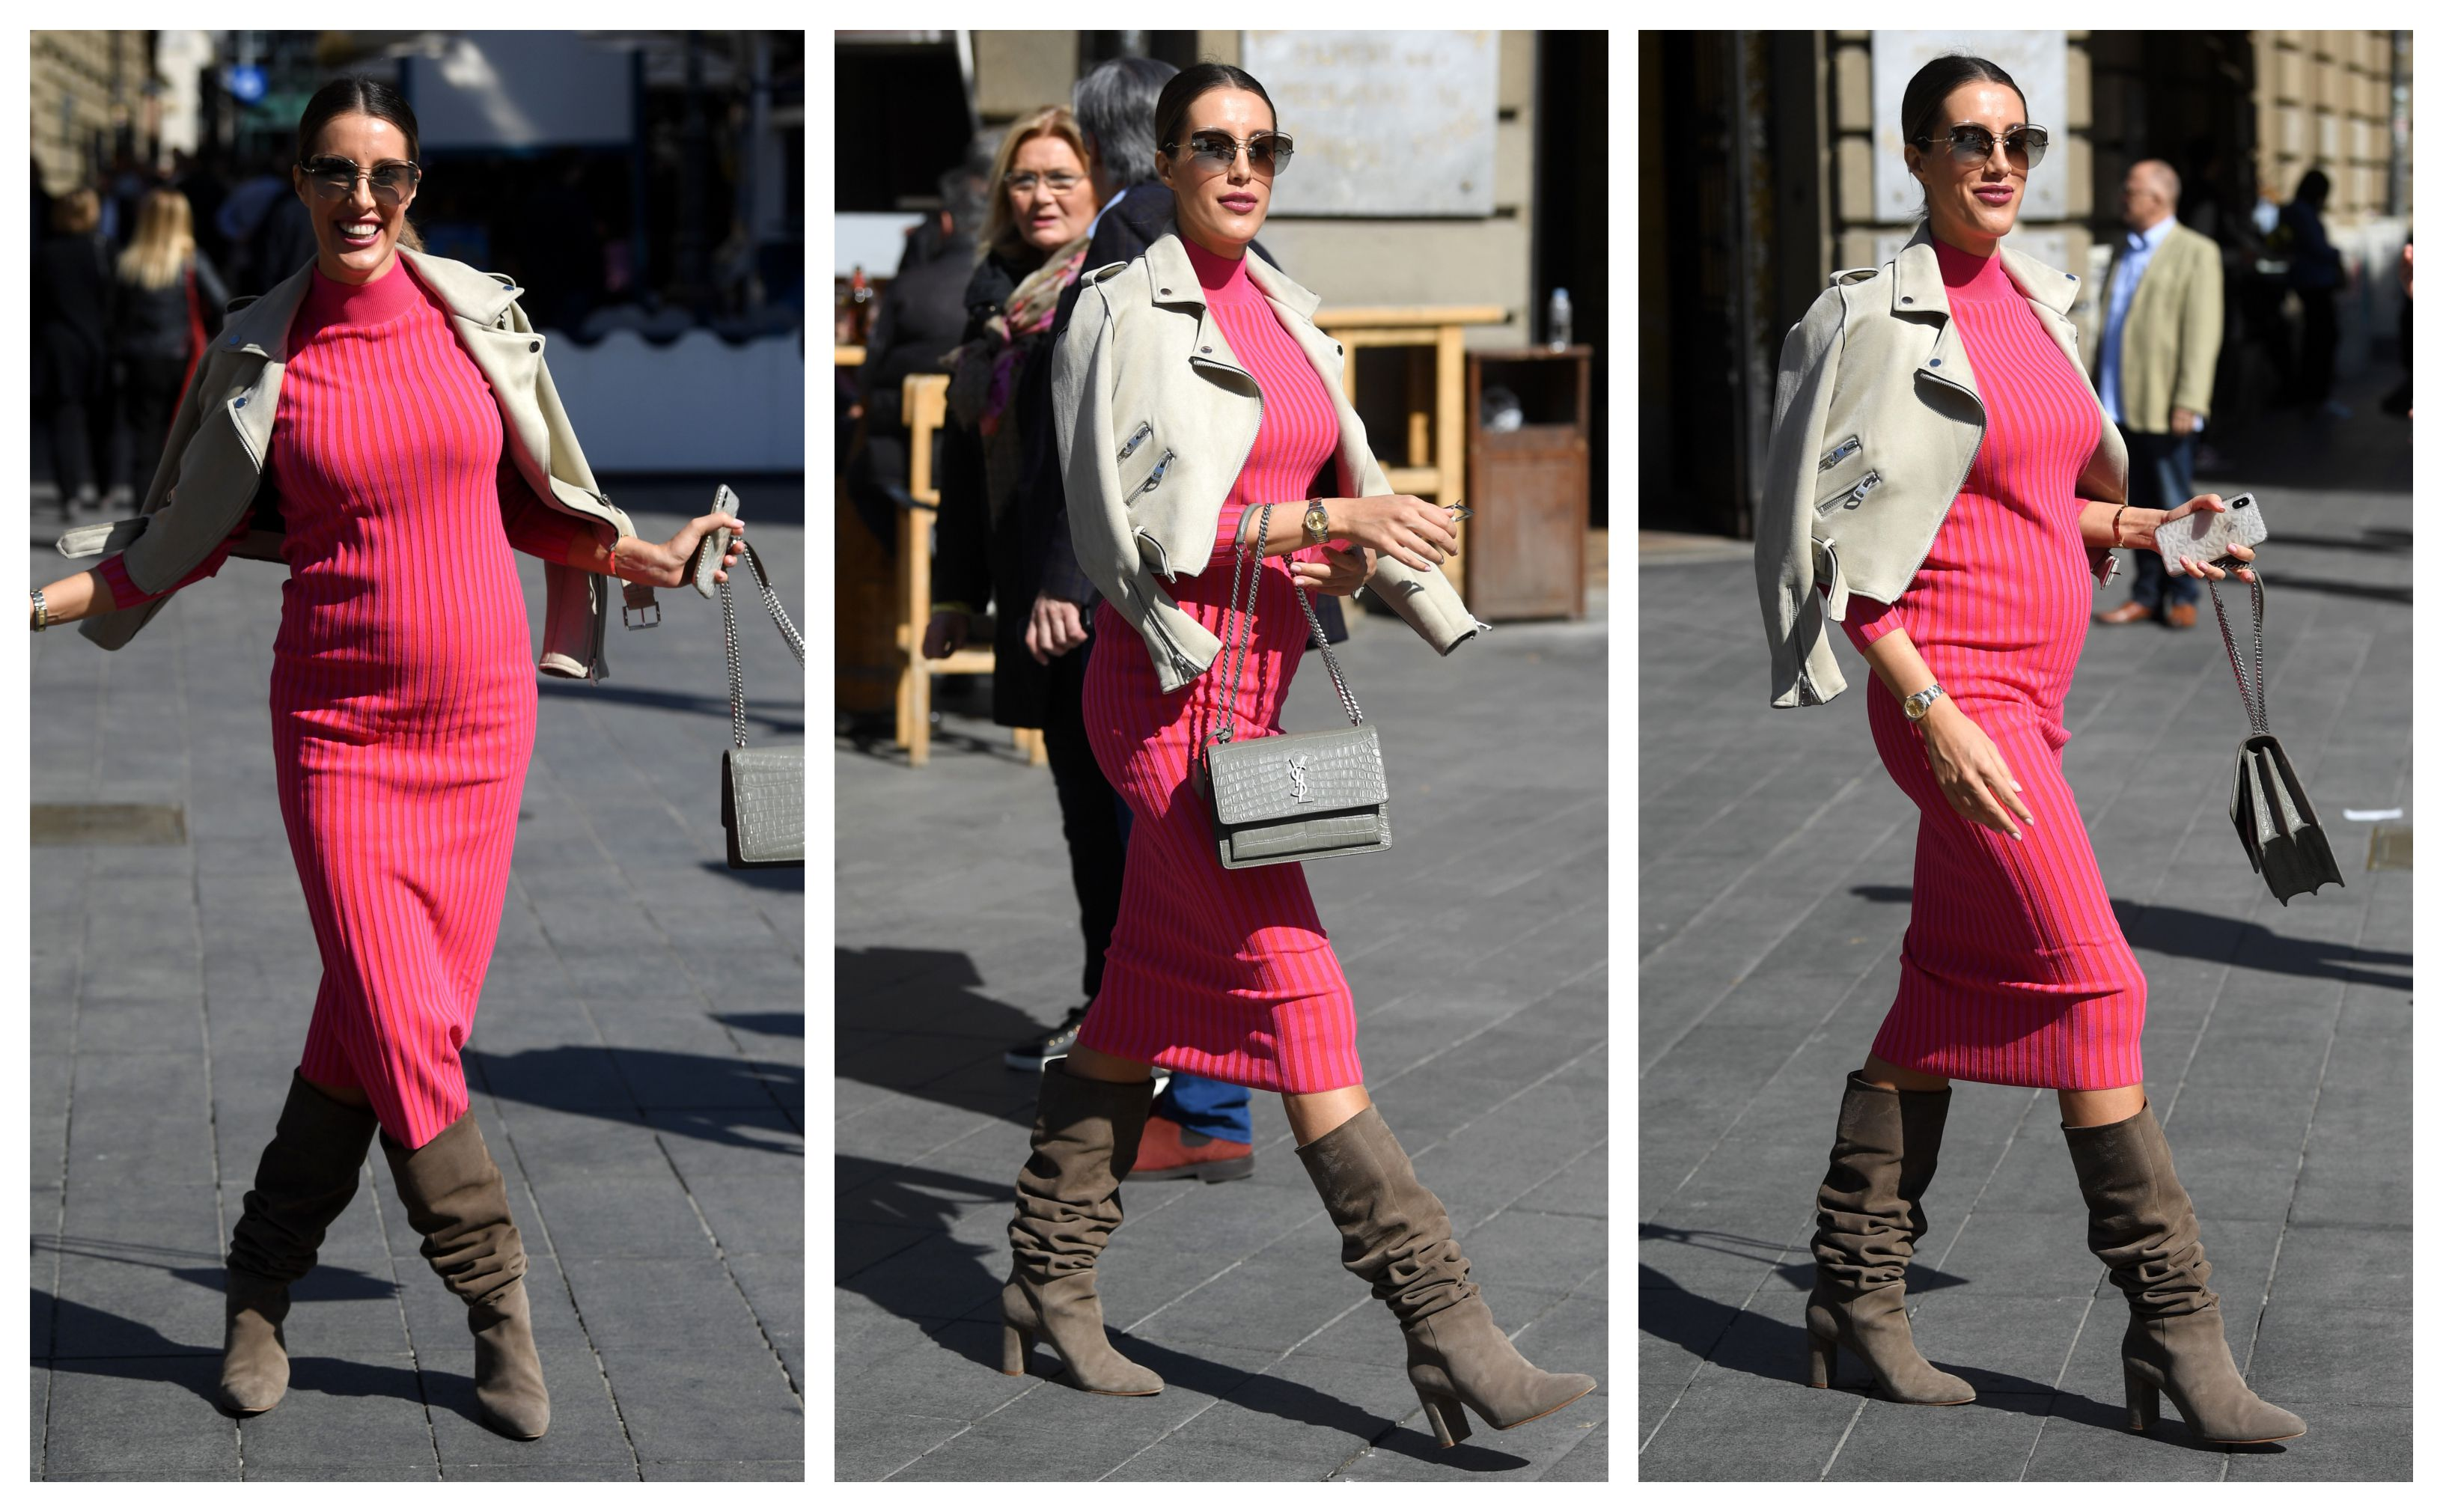 Nasmijana trudnica sa zagrebačke špice zablistala je u ružičastoj haljini